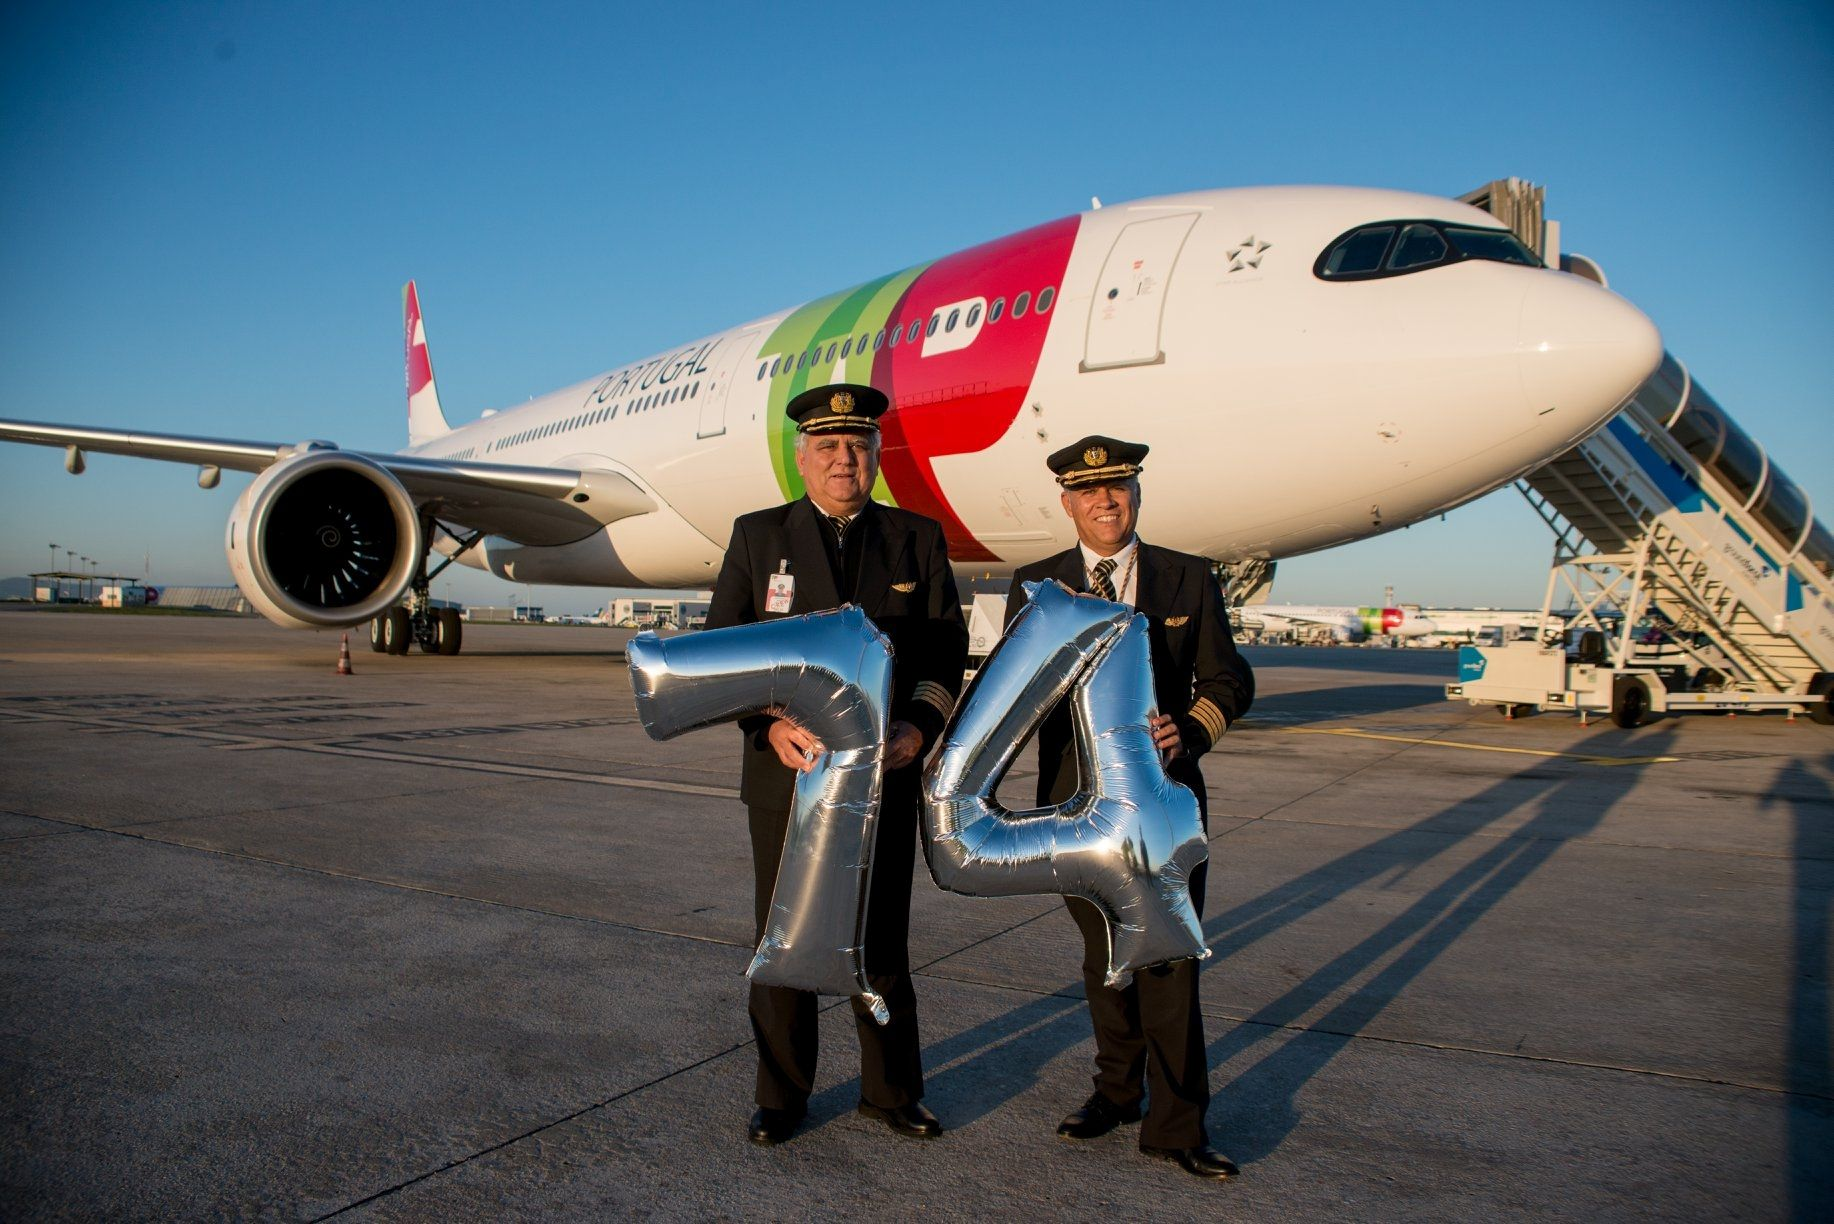 葡萄牙航空推出新版司歌 全球范围内推广葡萄牙音乐